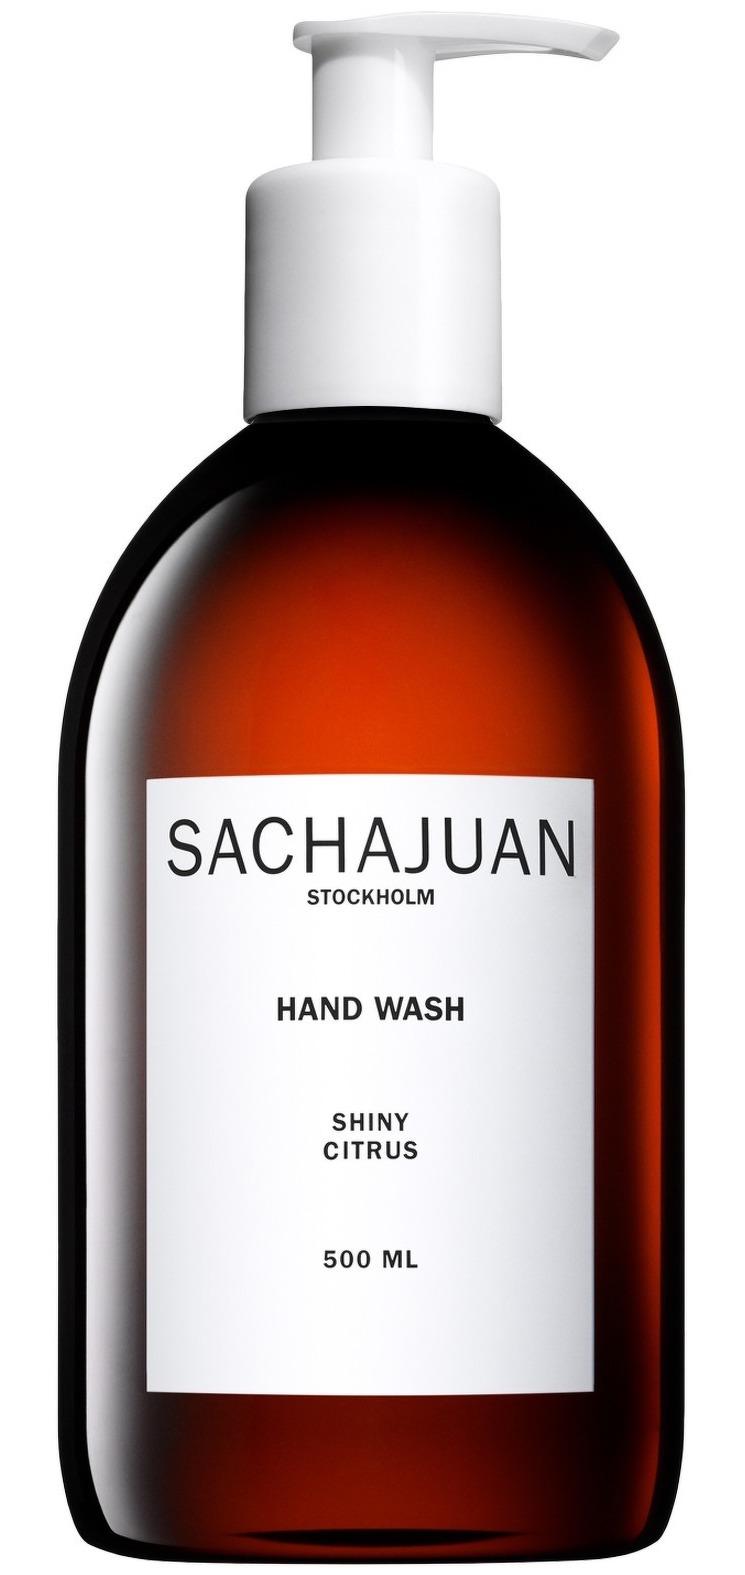 sachajuan-shiny-citrus-hand-wash-500ml-16-9-fl-oz